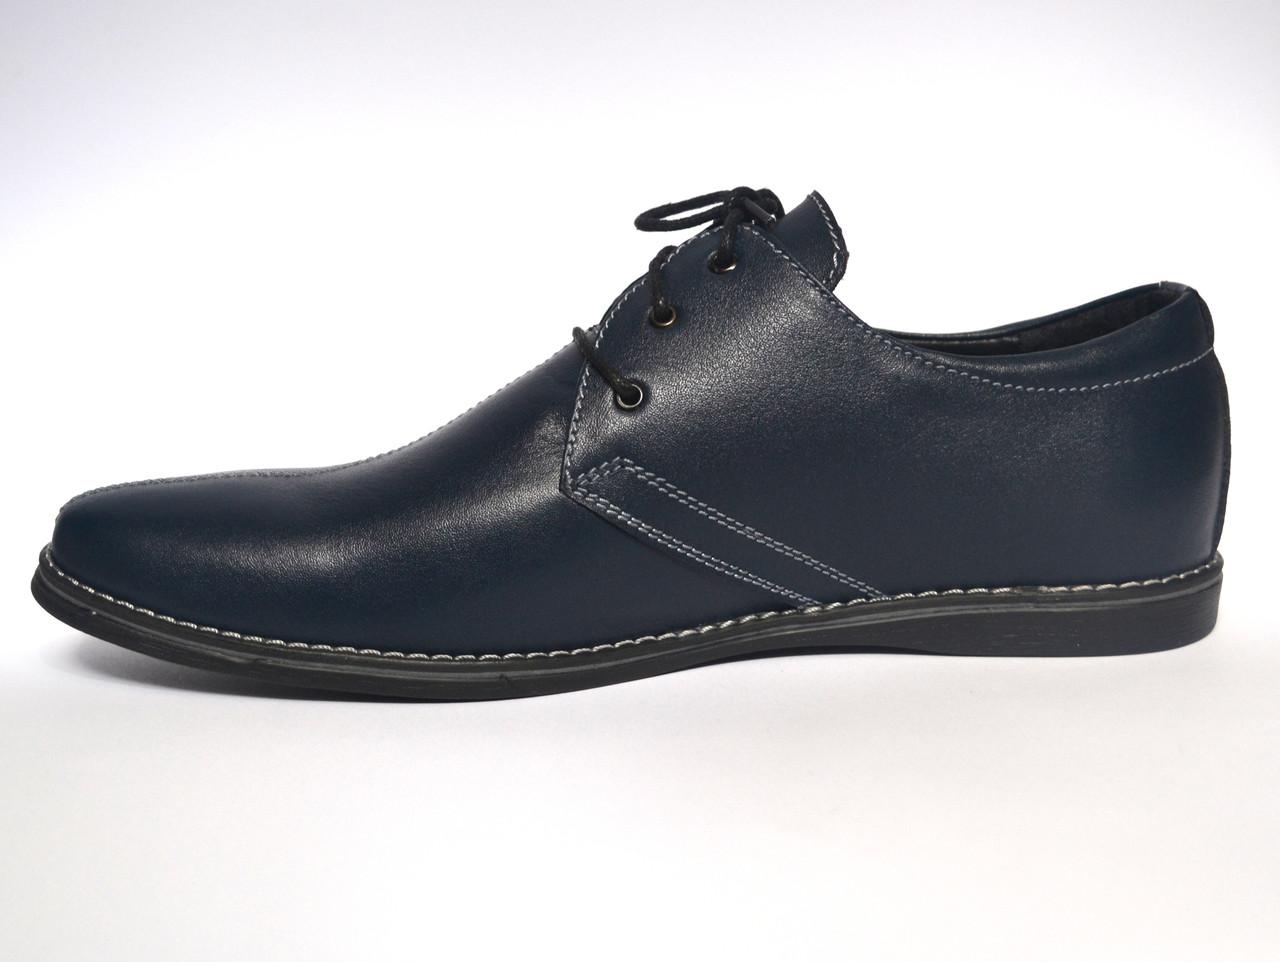 b51dab173 Обувь больших размеров мужские кожаные синие туфли Rosso Avangard Carlo BS  Attraente Ocean depth, цена 1 420 грн./пара, купить в Запорожье — Prom.ua  ...